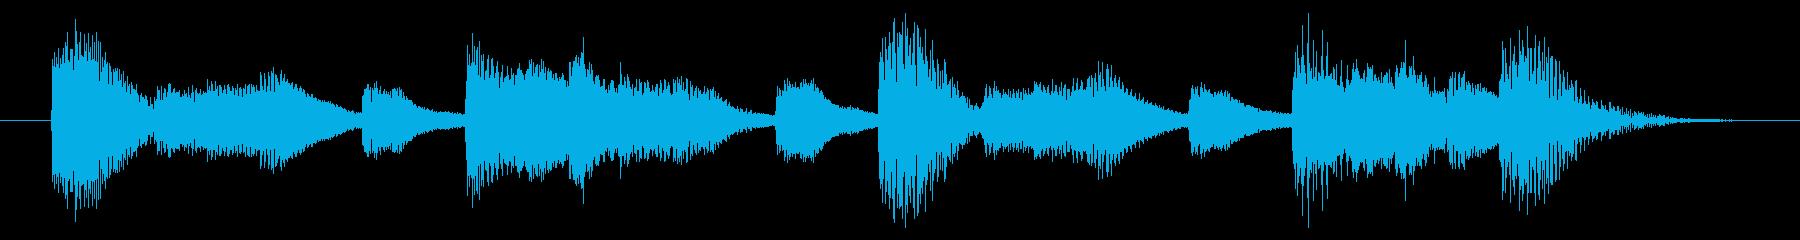 明るく歯切れの良いピアノジングル 5秒の再生済みの波形